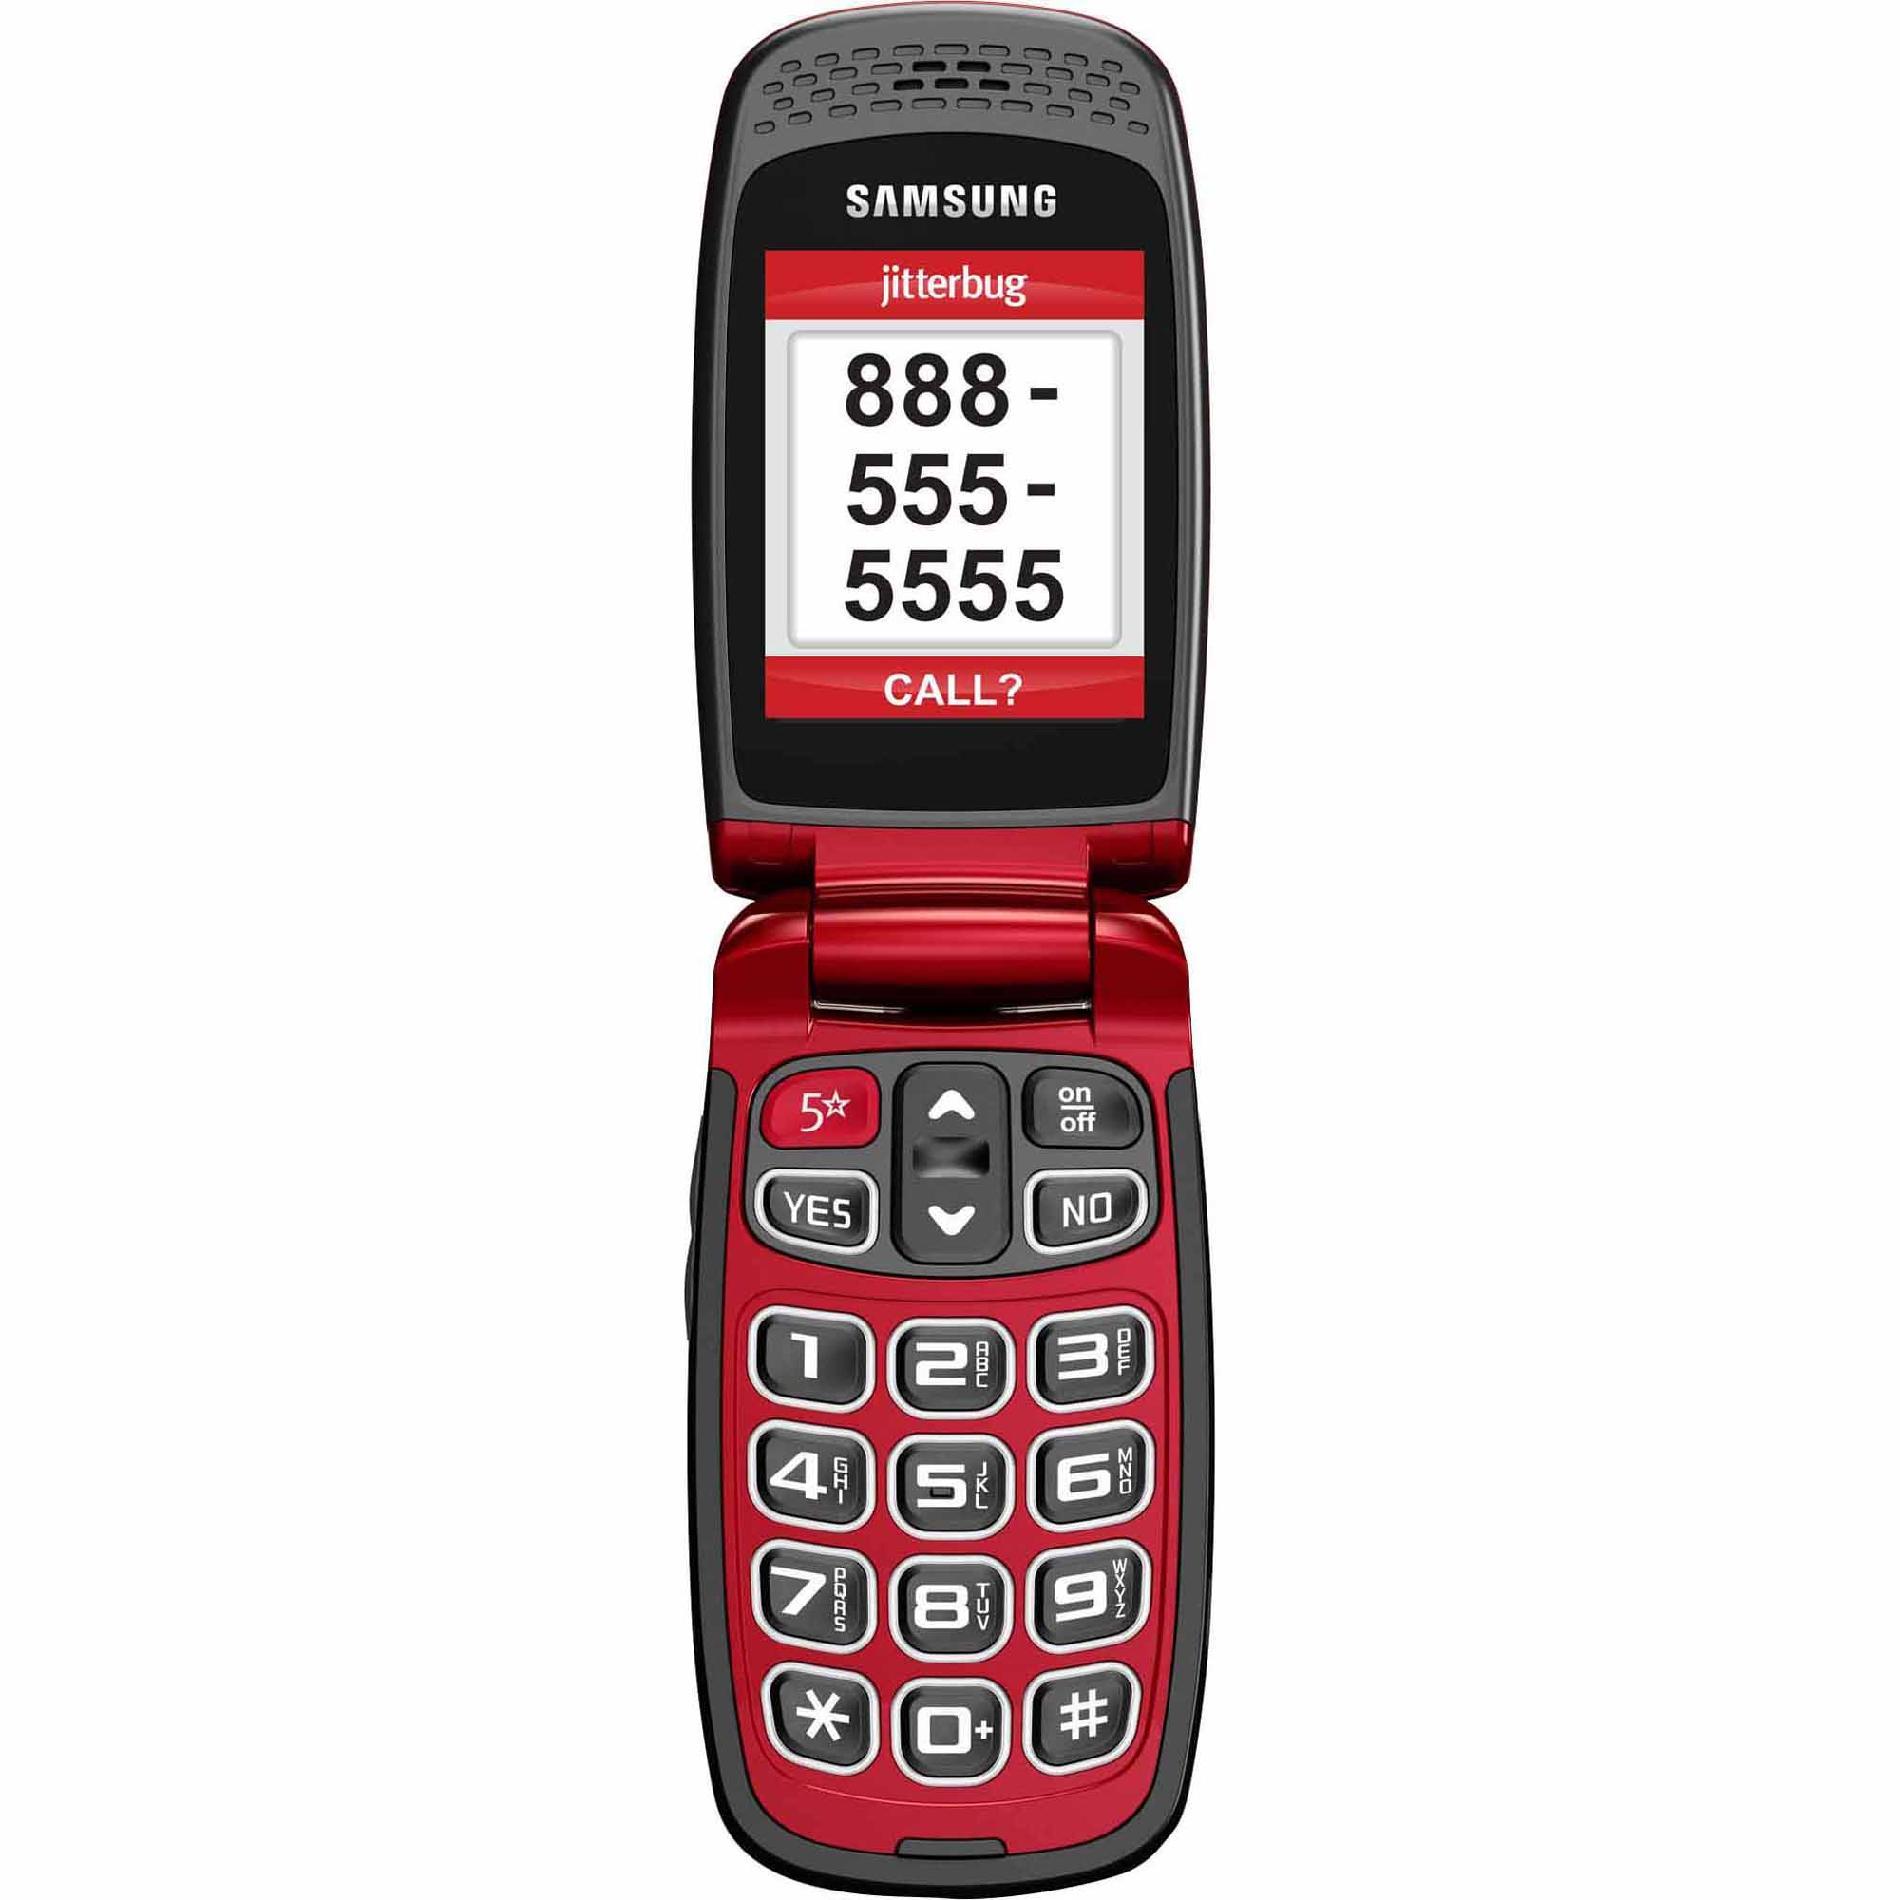 Jitterbug plus Jitterbug5 - Red (Samsung)